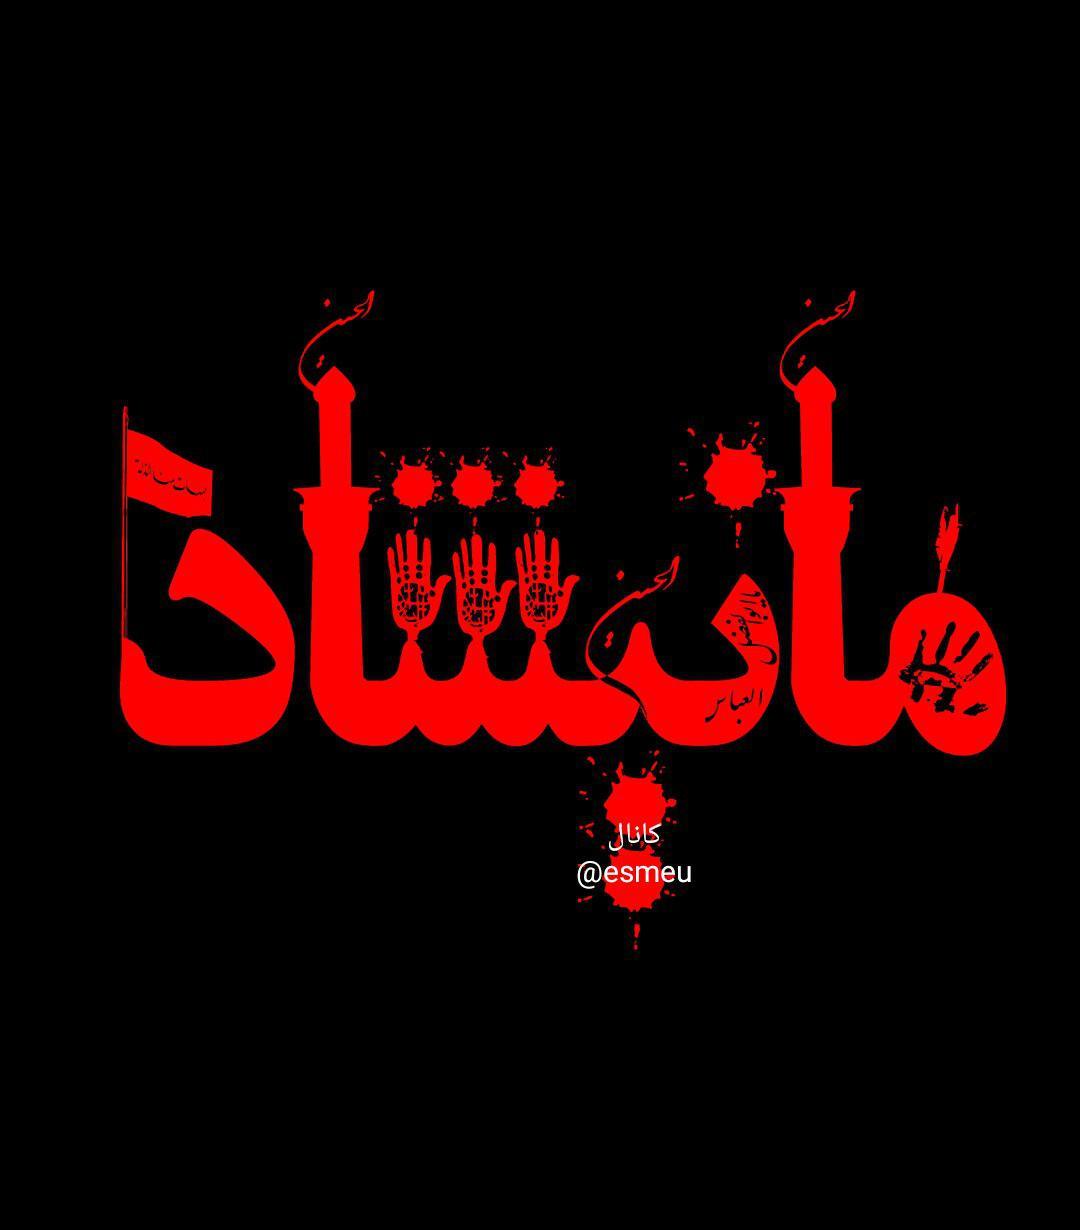 اسم محرمی مانیشاد